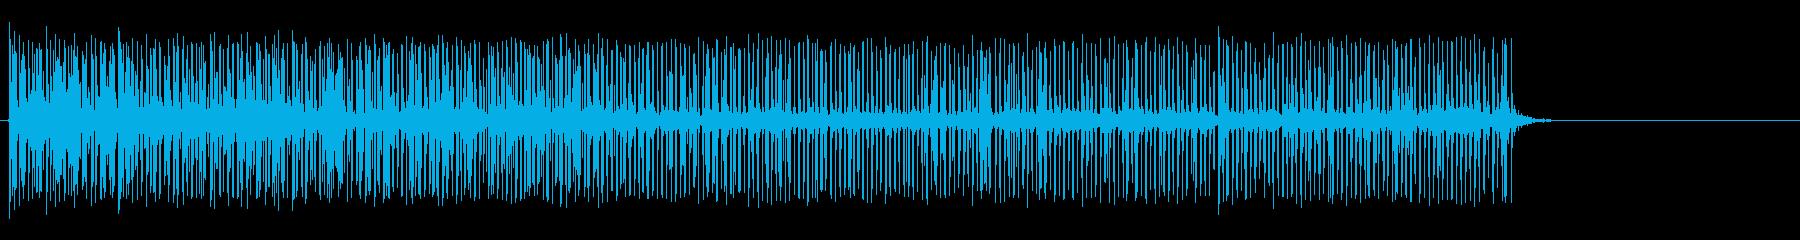 電気_バチバチ_02の再生済みの波形